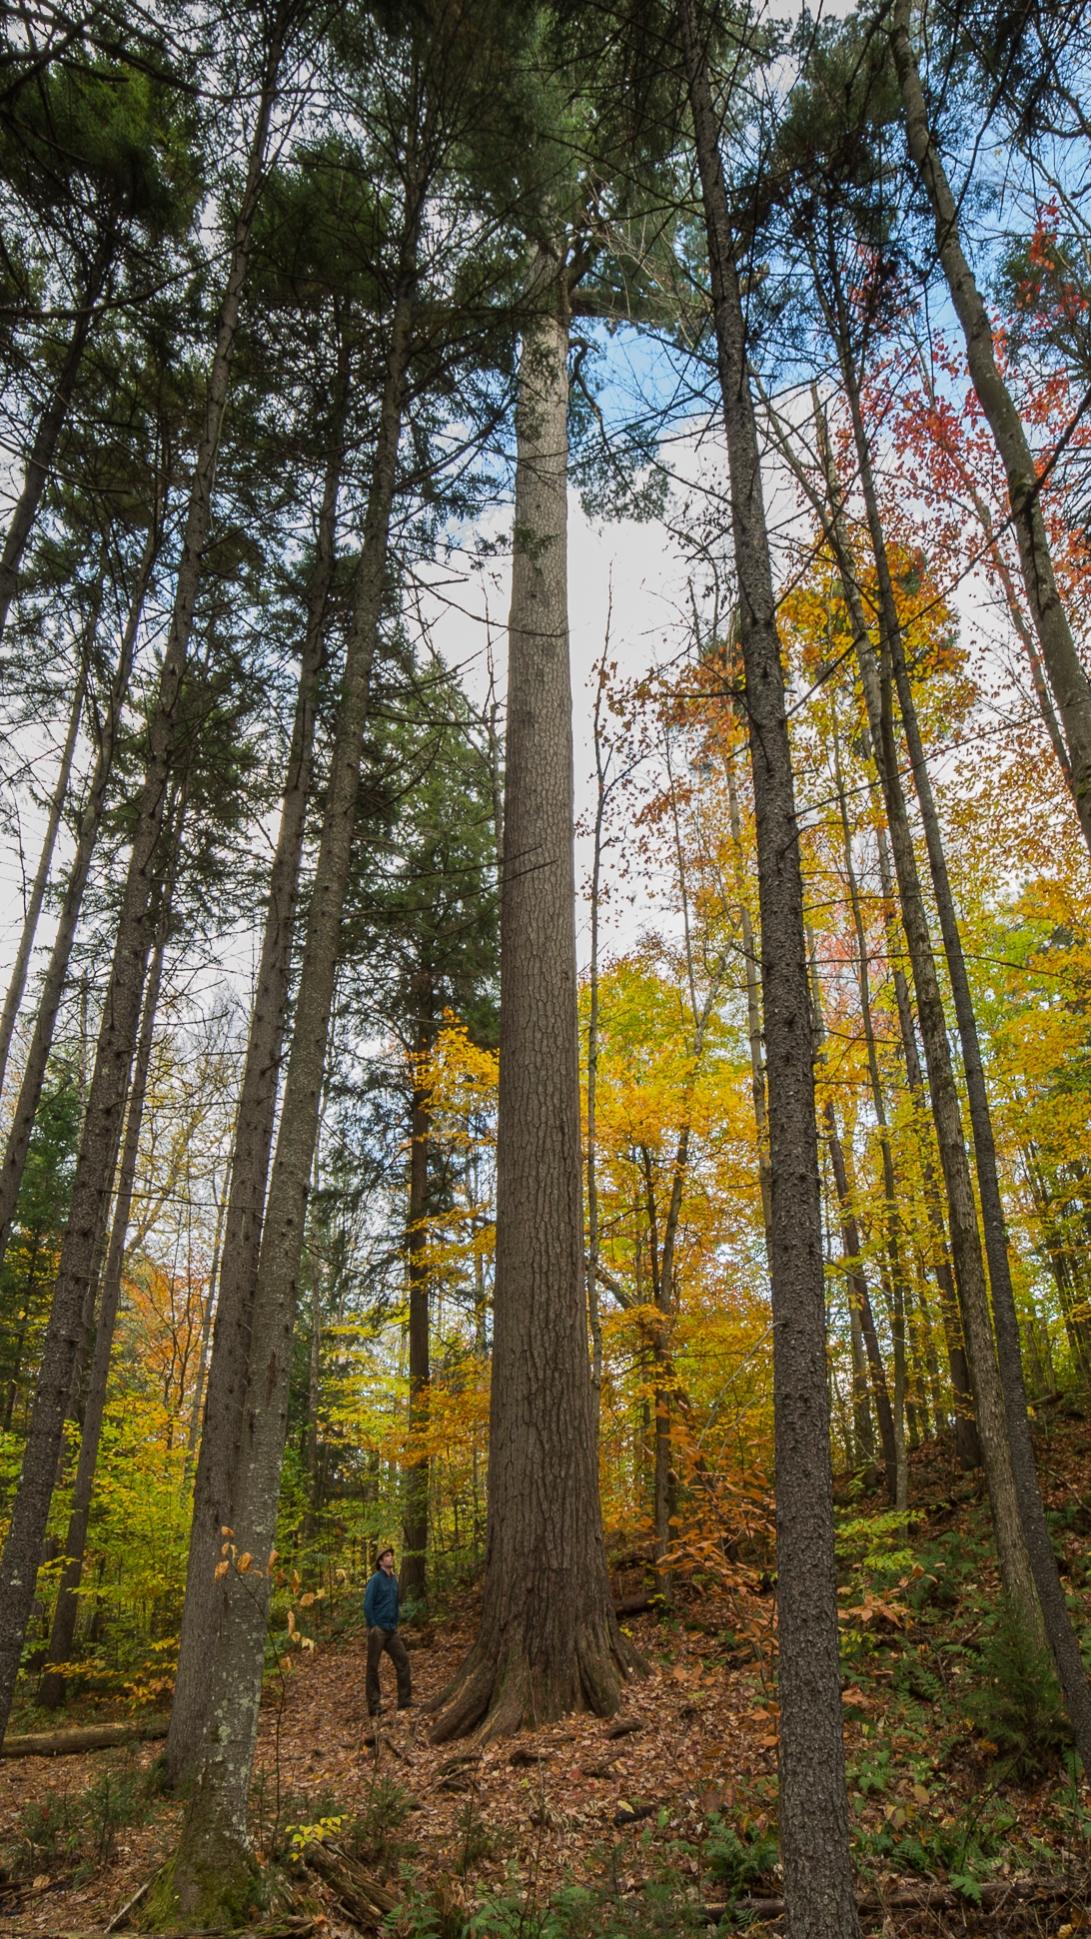 The Wanakena Pine